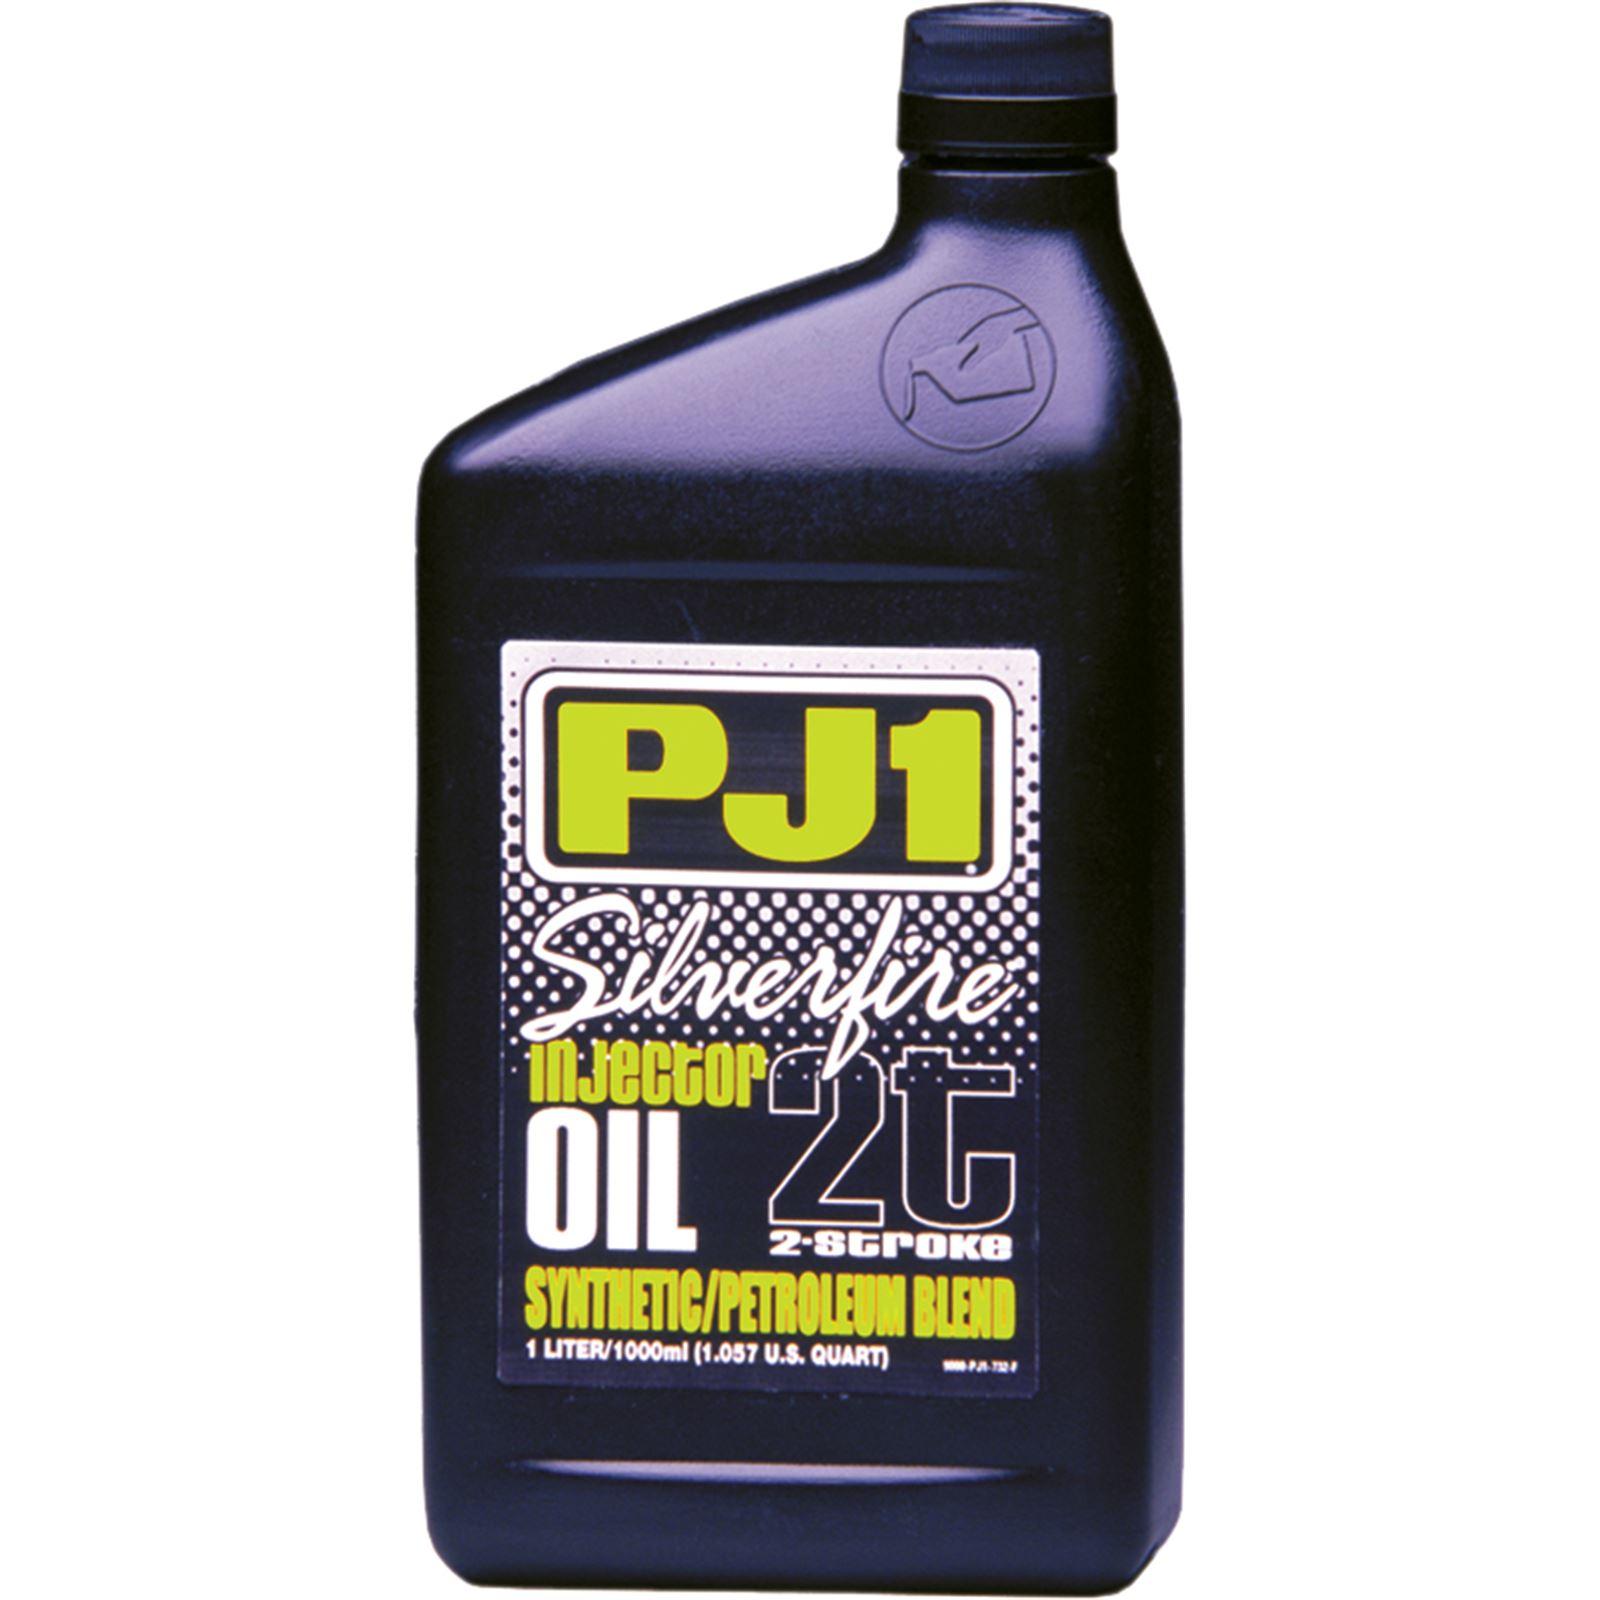 PJ1 2-Stroke Injector Premix Oil